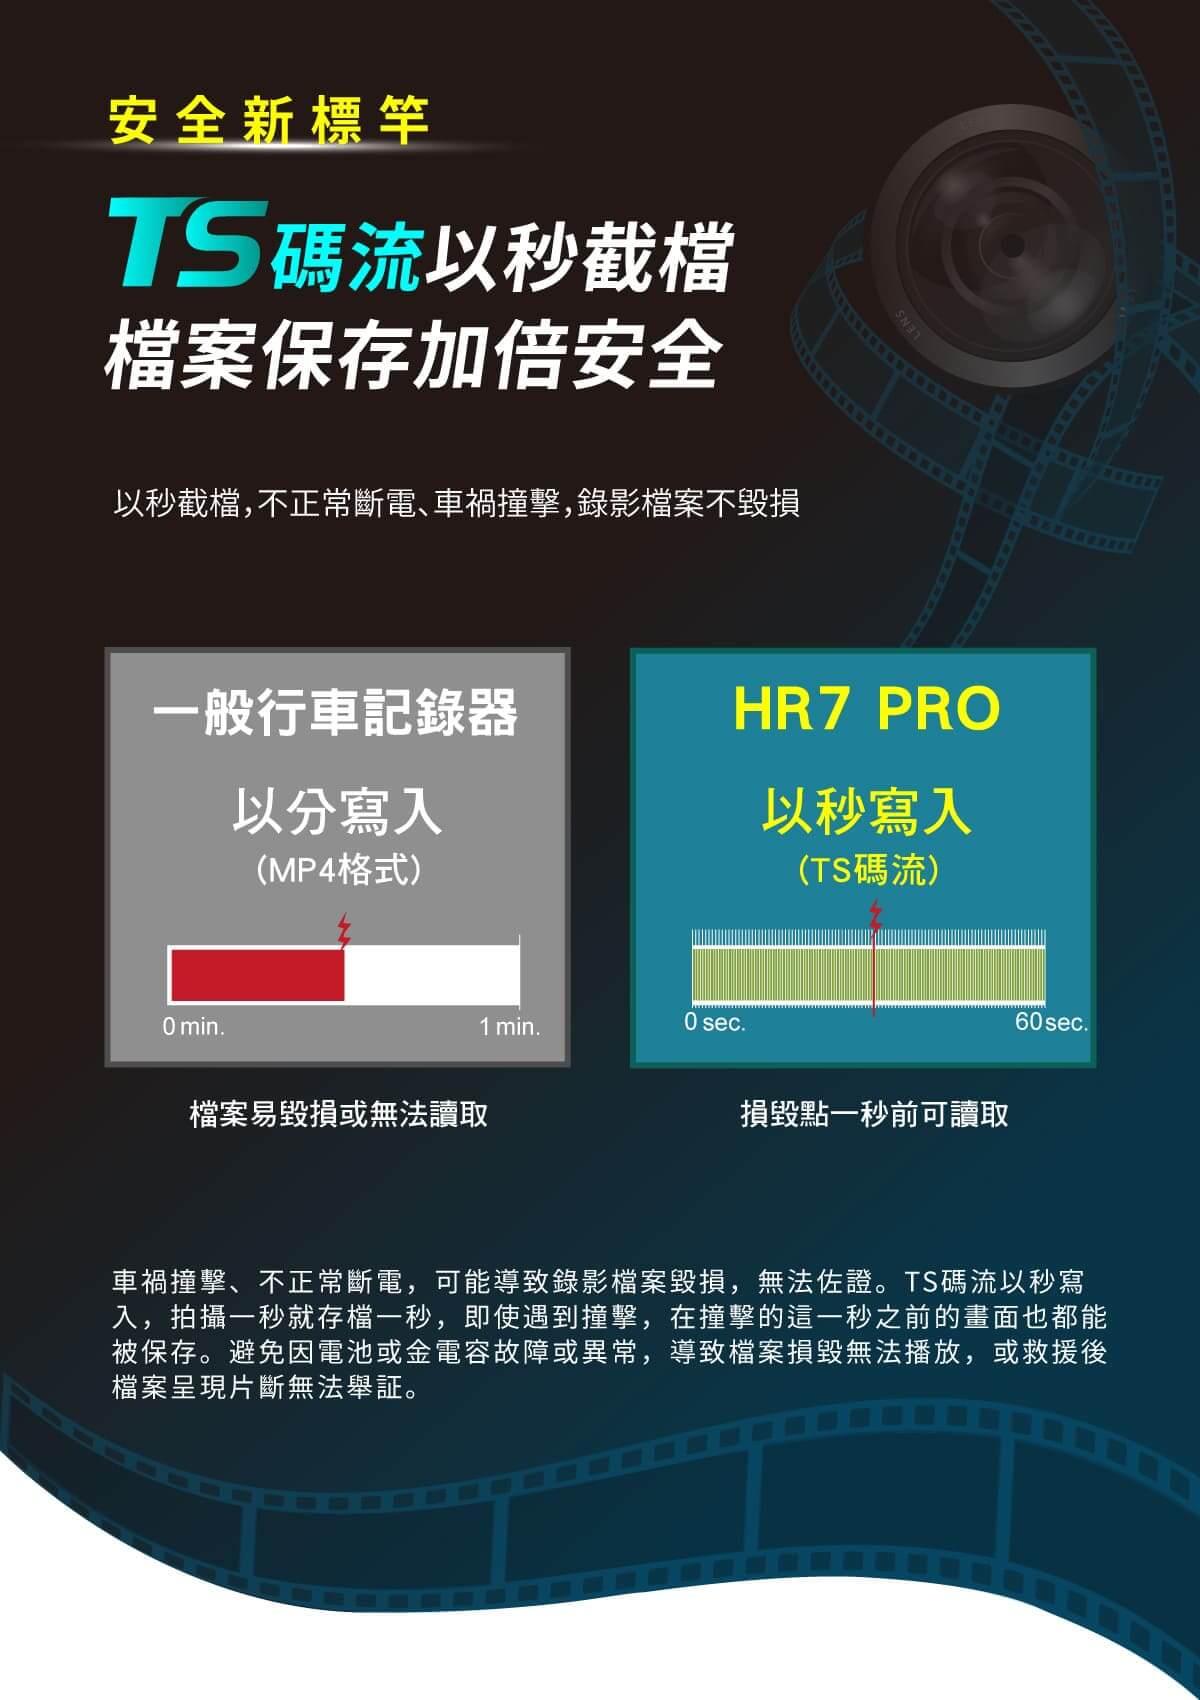 proimages/product/Dash_Cam/HR7PRO/07.jpg